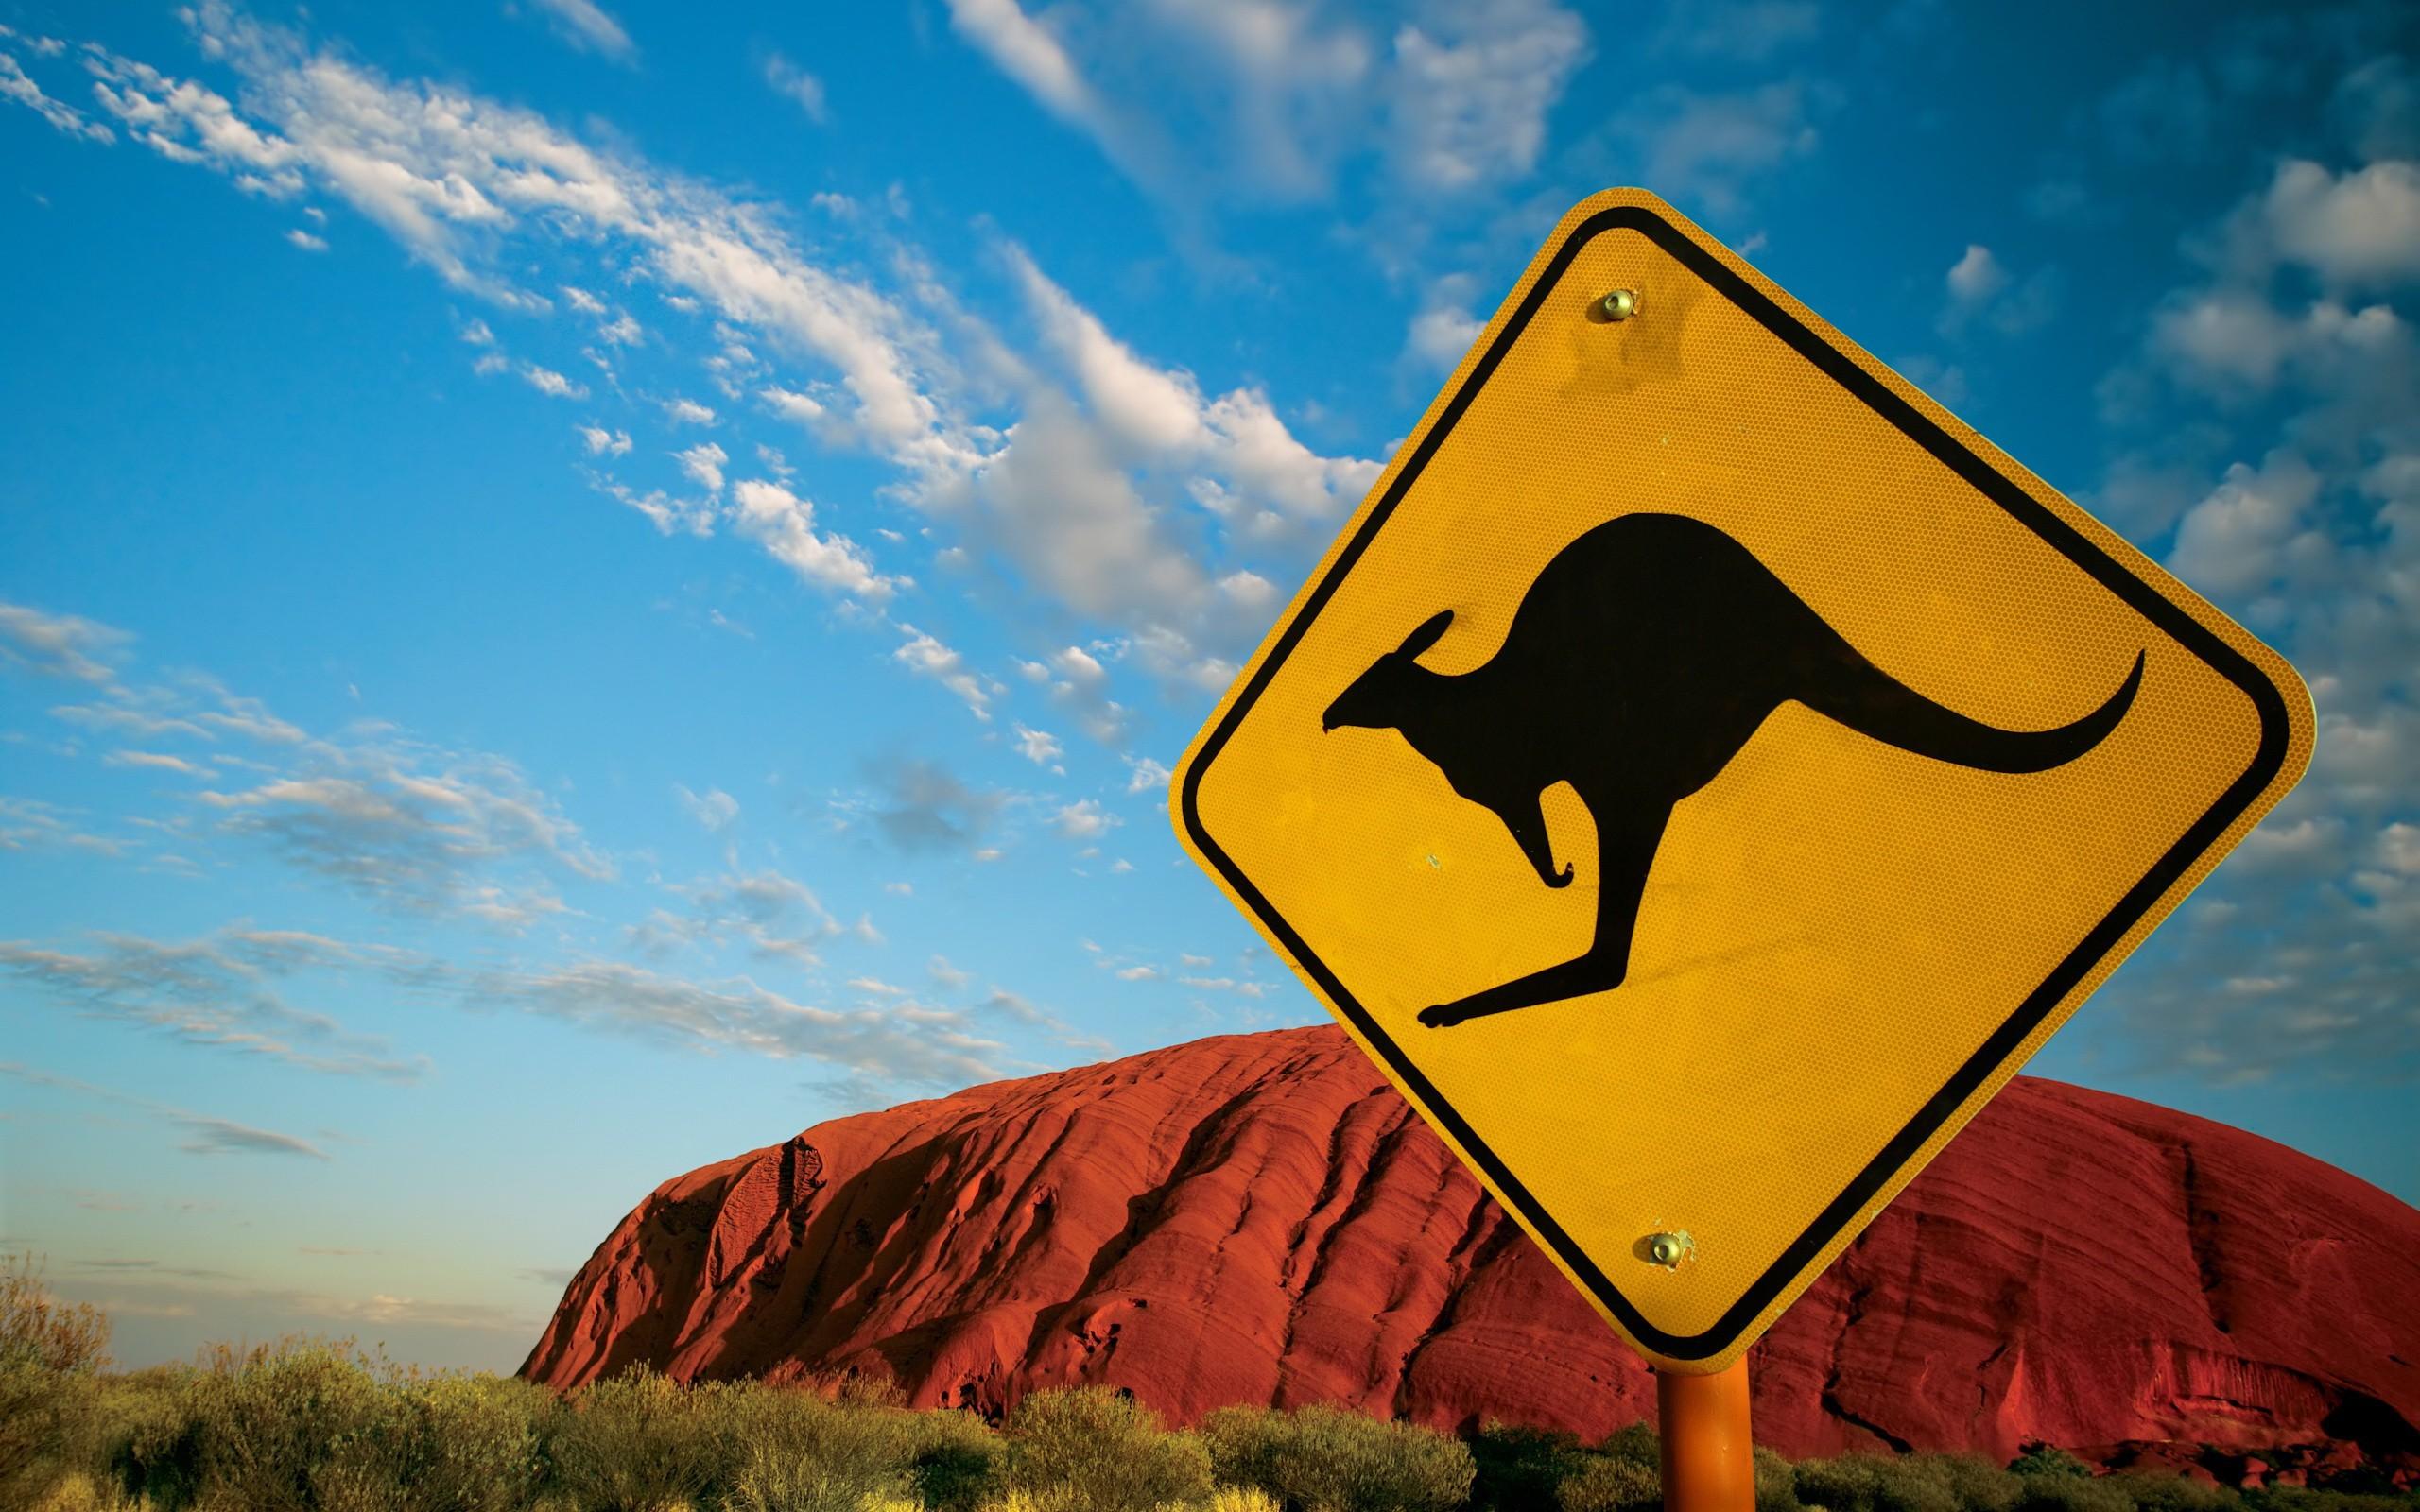 дорожный знак кенгуру